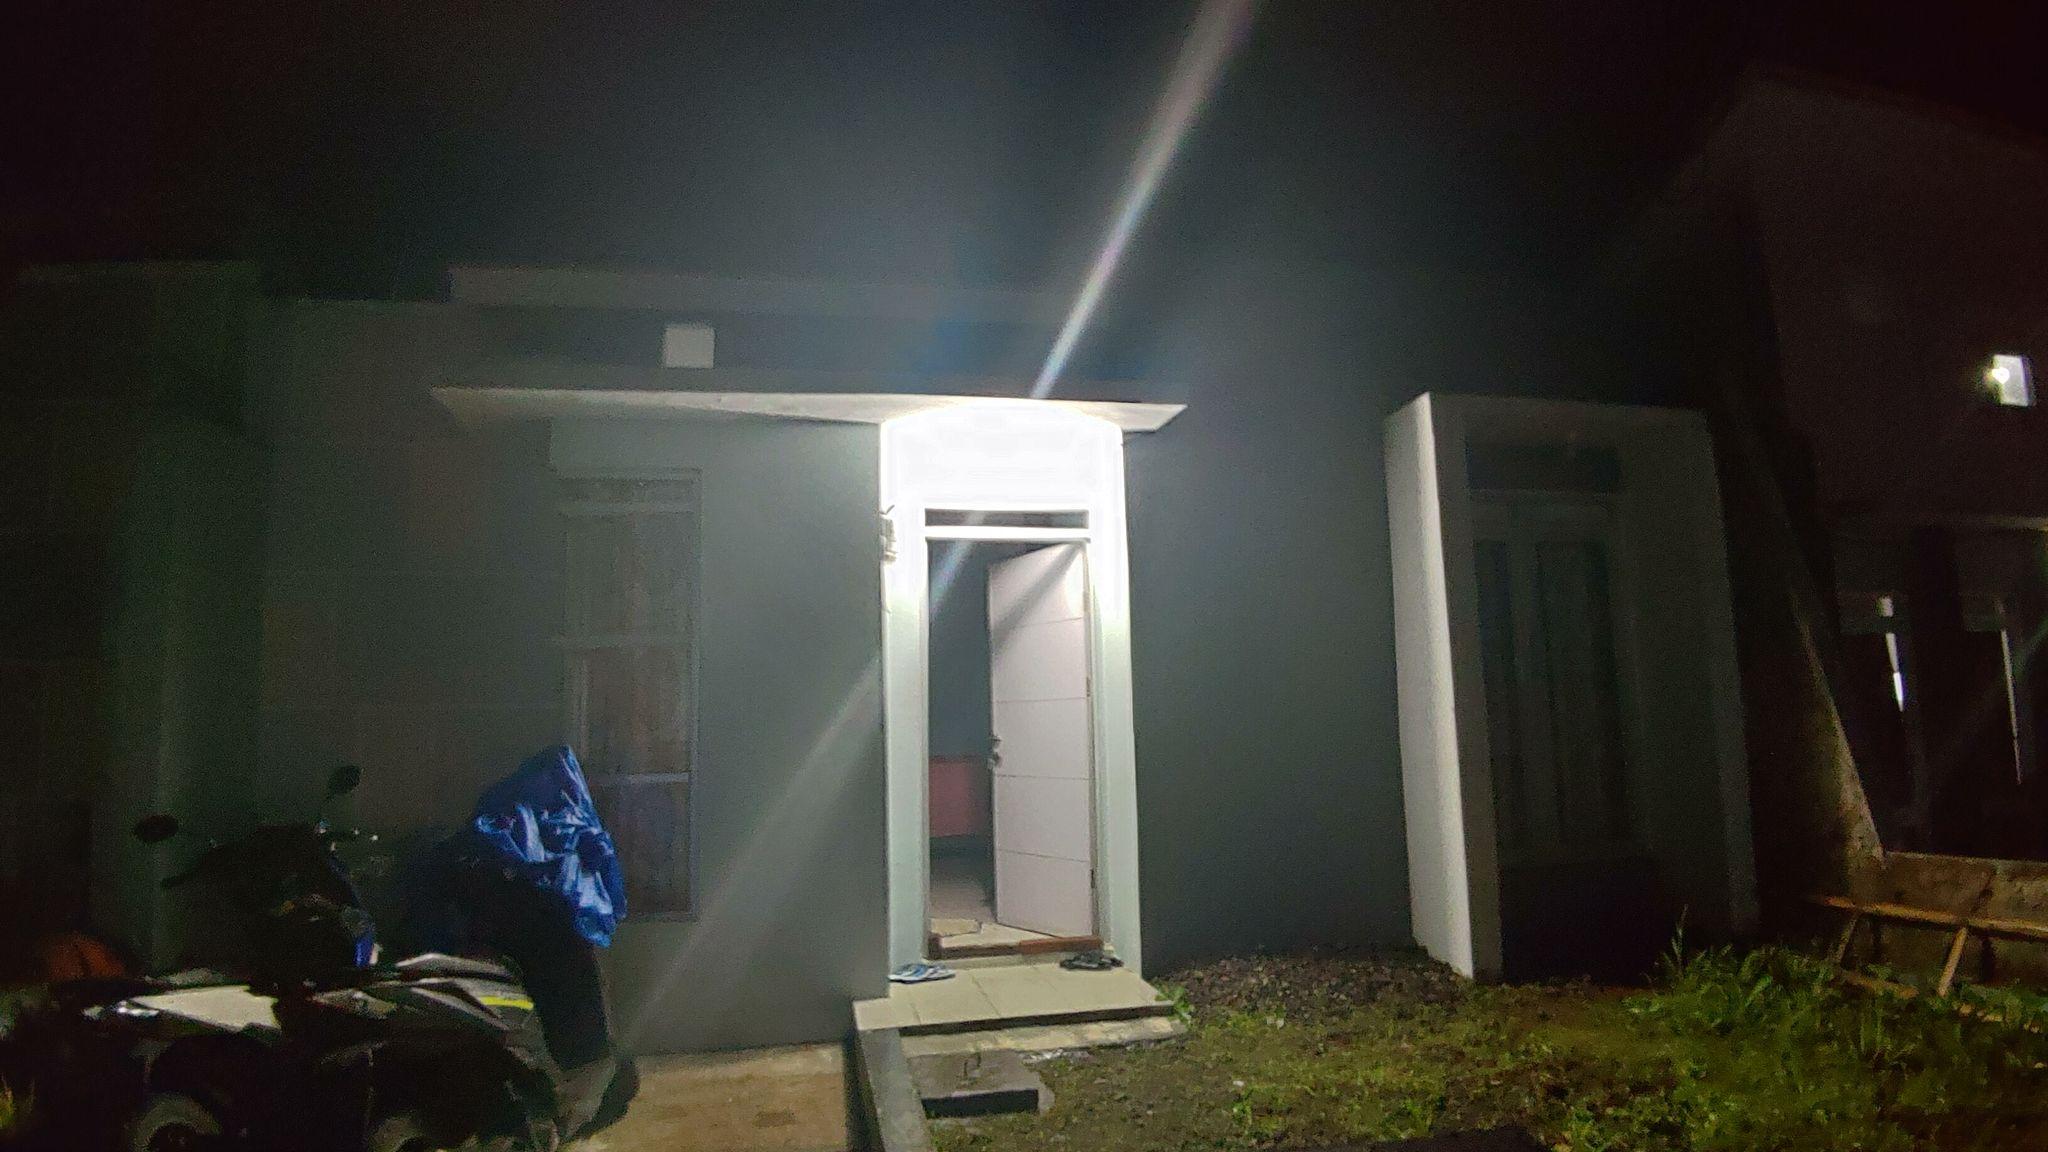 Tampak luar rumah di malam hari sebelum adanya lampu jalan internal perumahan.